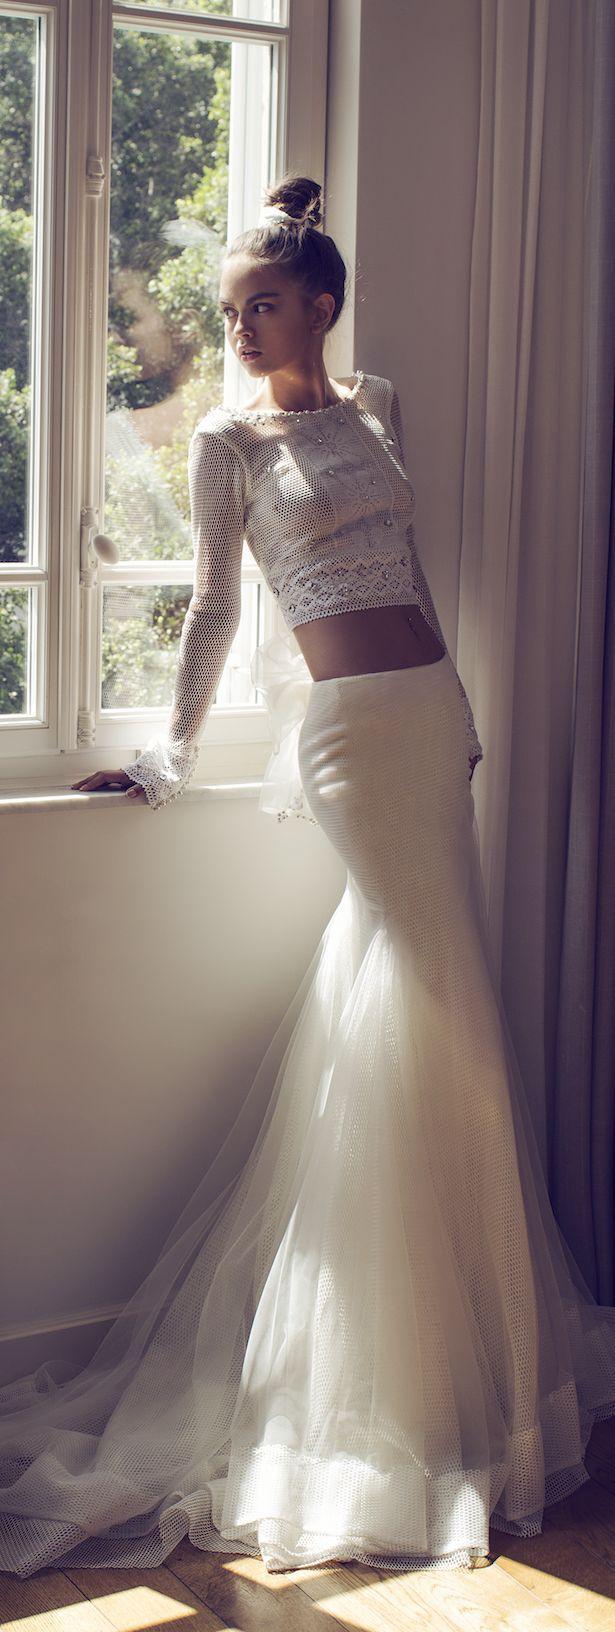 les plus belles robes de mariée 078 et plus encore sur www.robe2mariage.eu